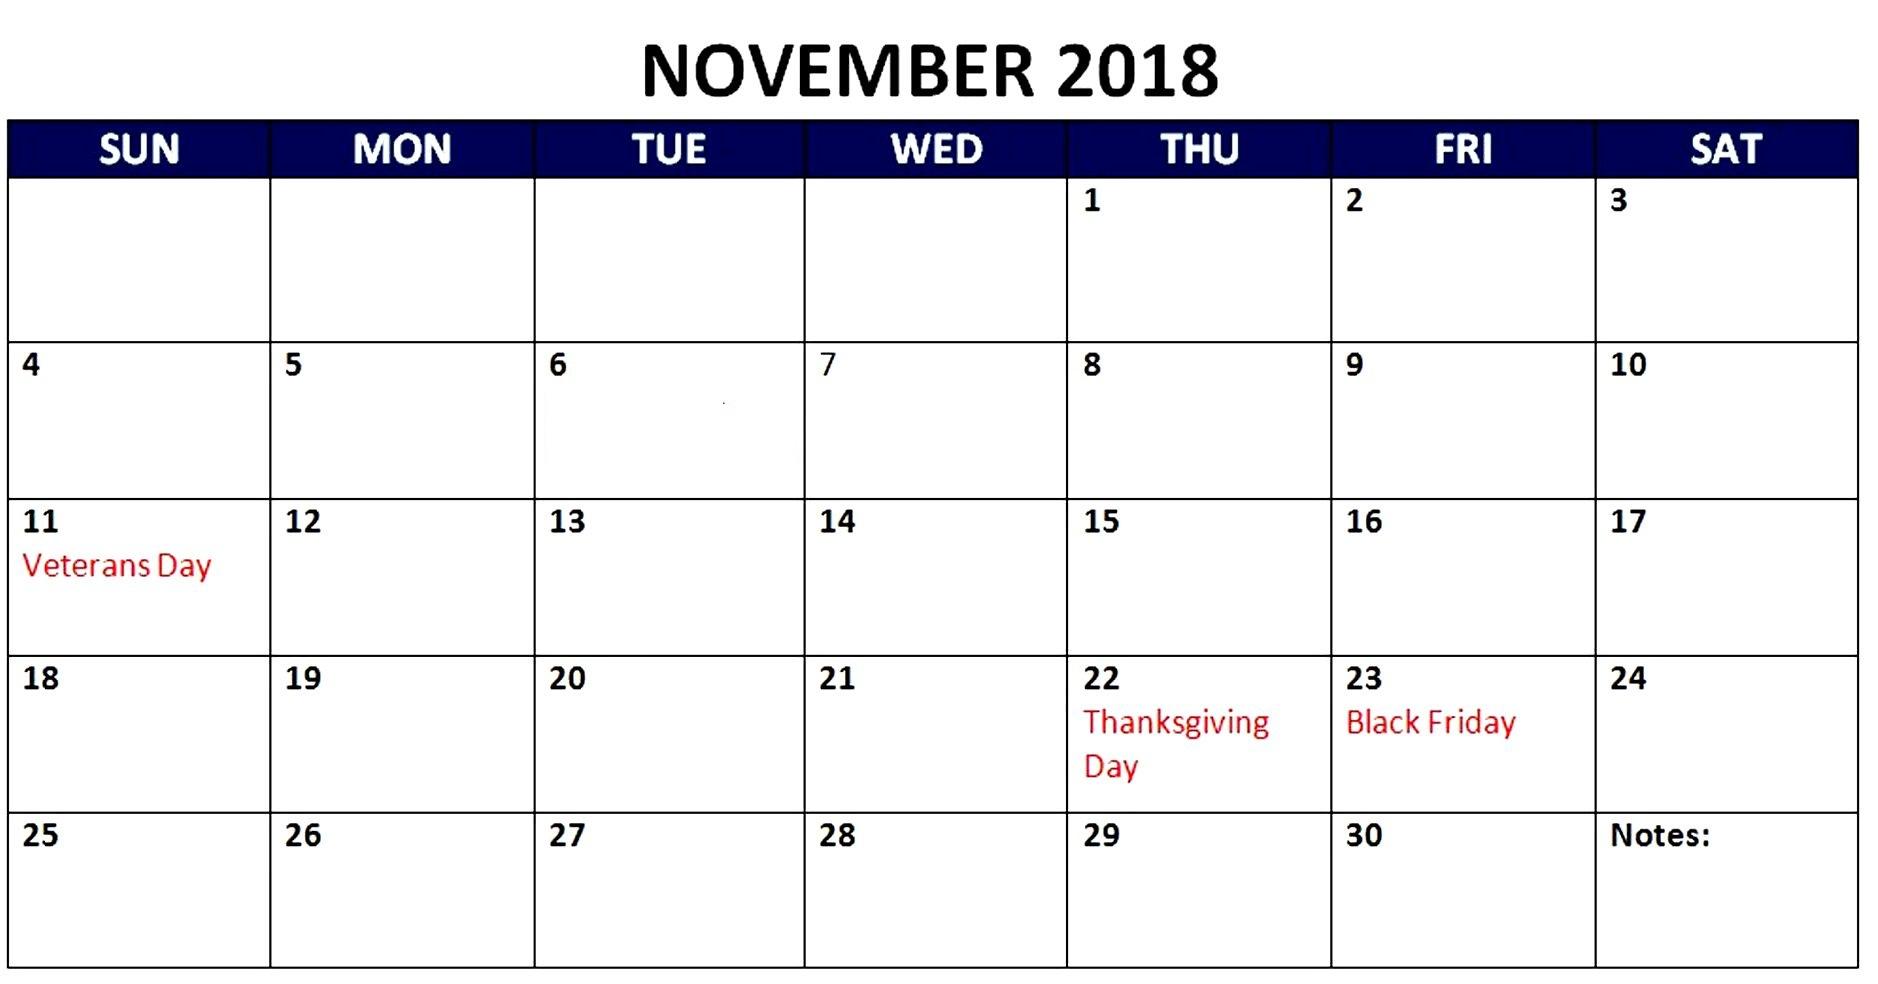 November 2018 Holidays Calendar Australia - Free August 2019 within Holidays Calendar Templates November